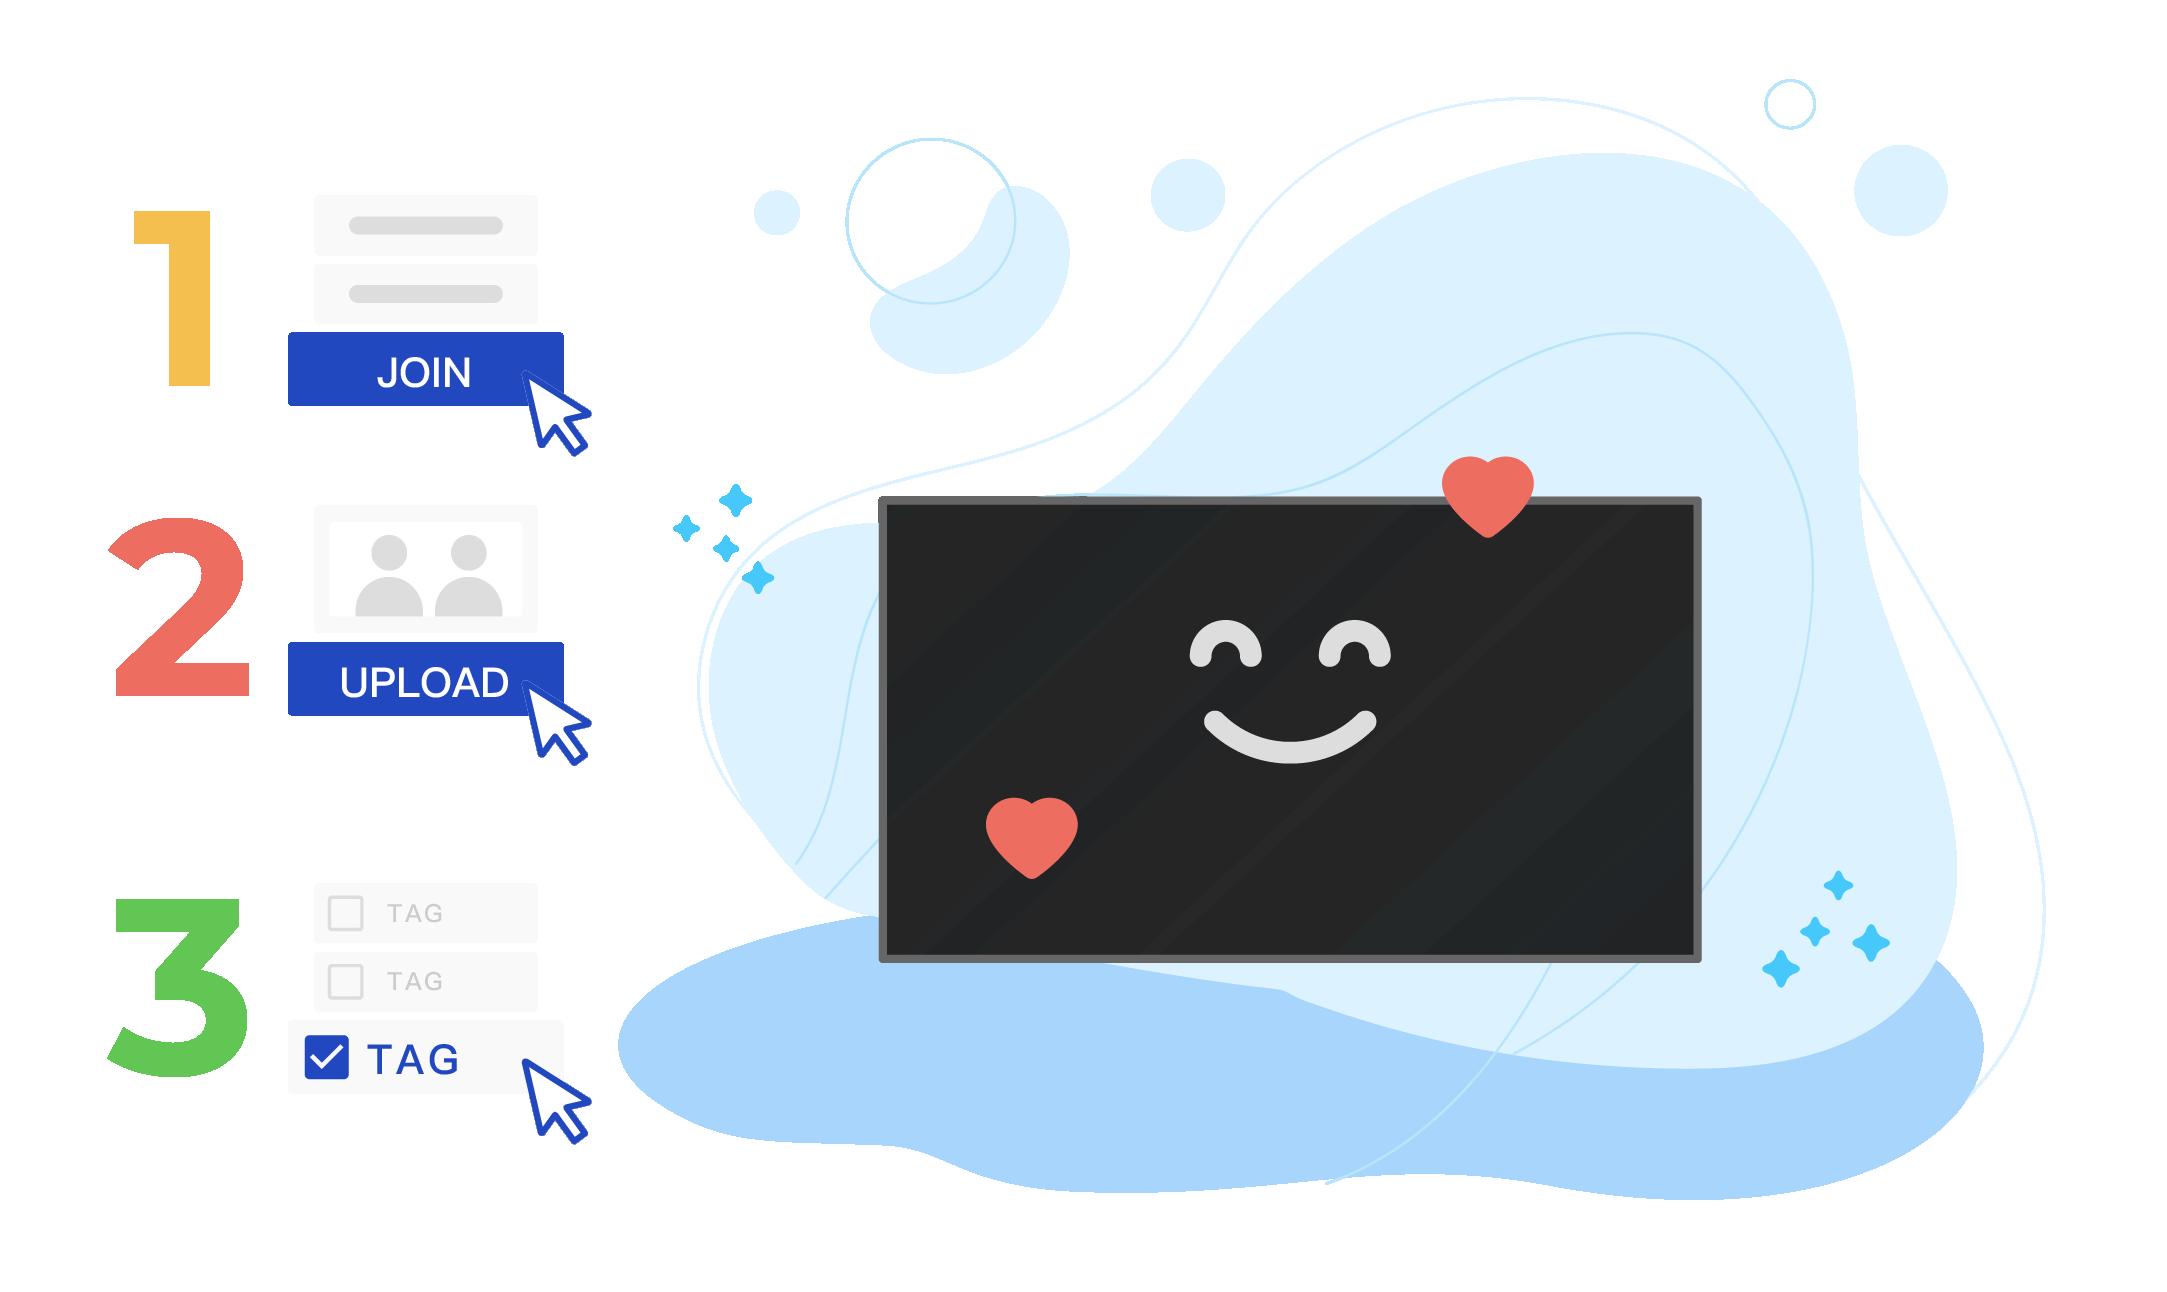 簡單三步驟,你的事業導入AI比你想的更簡單